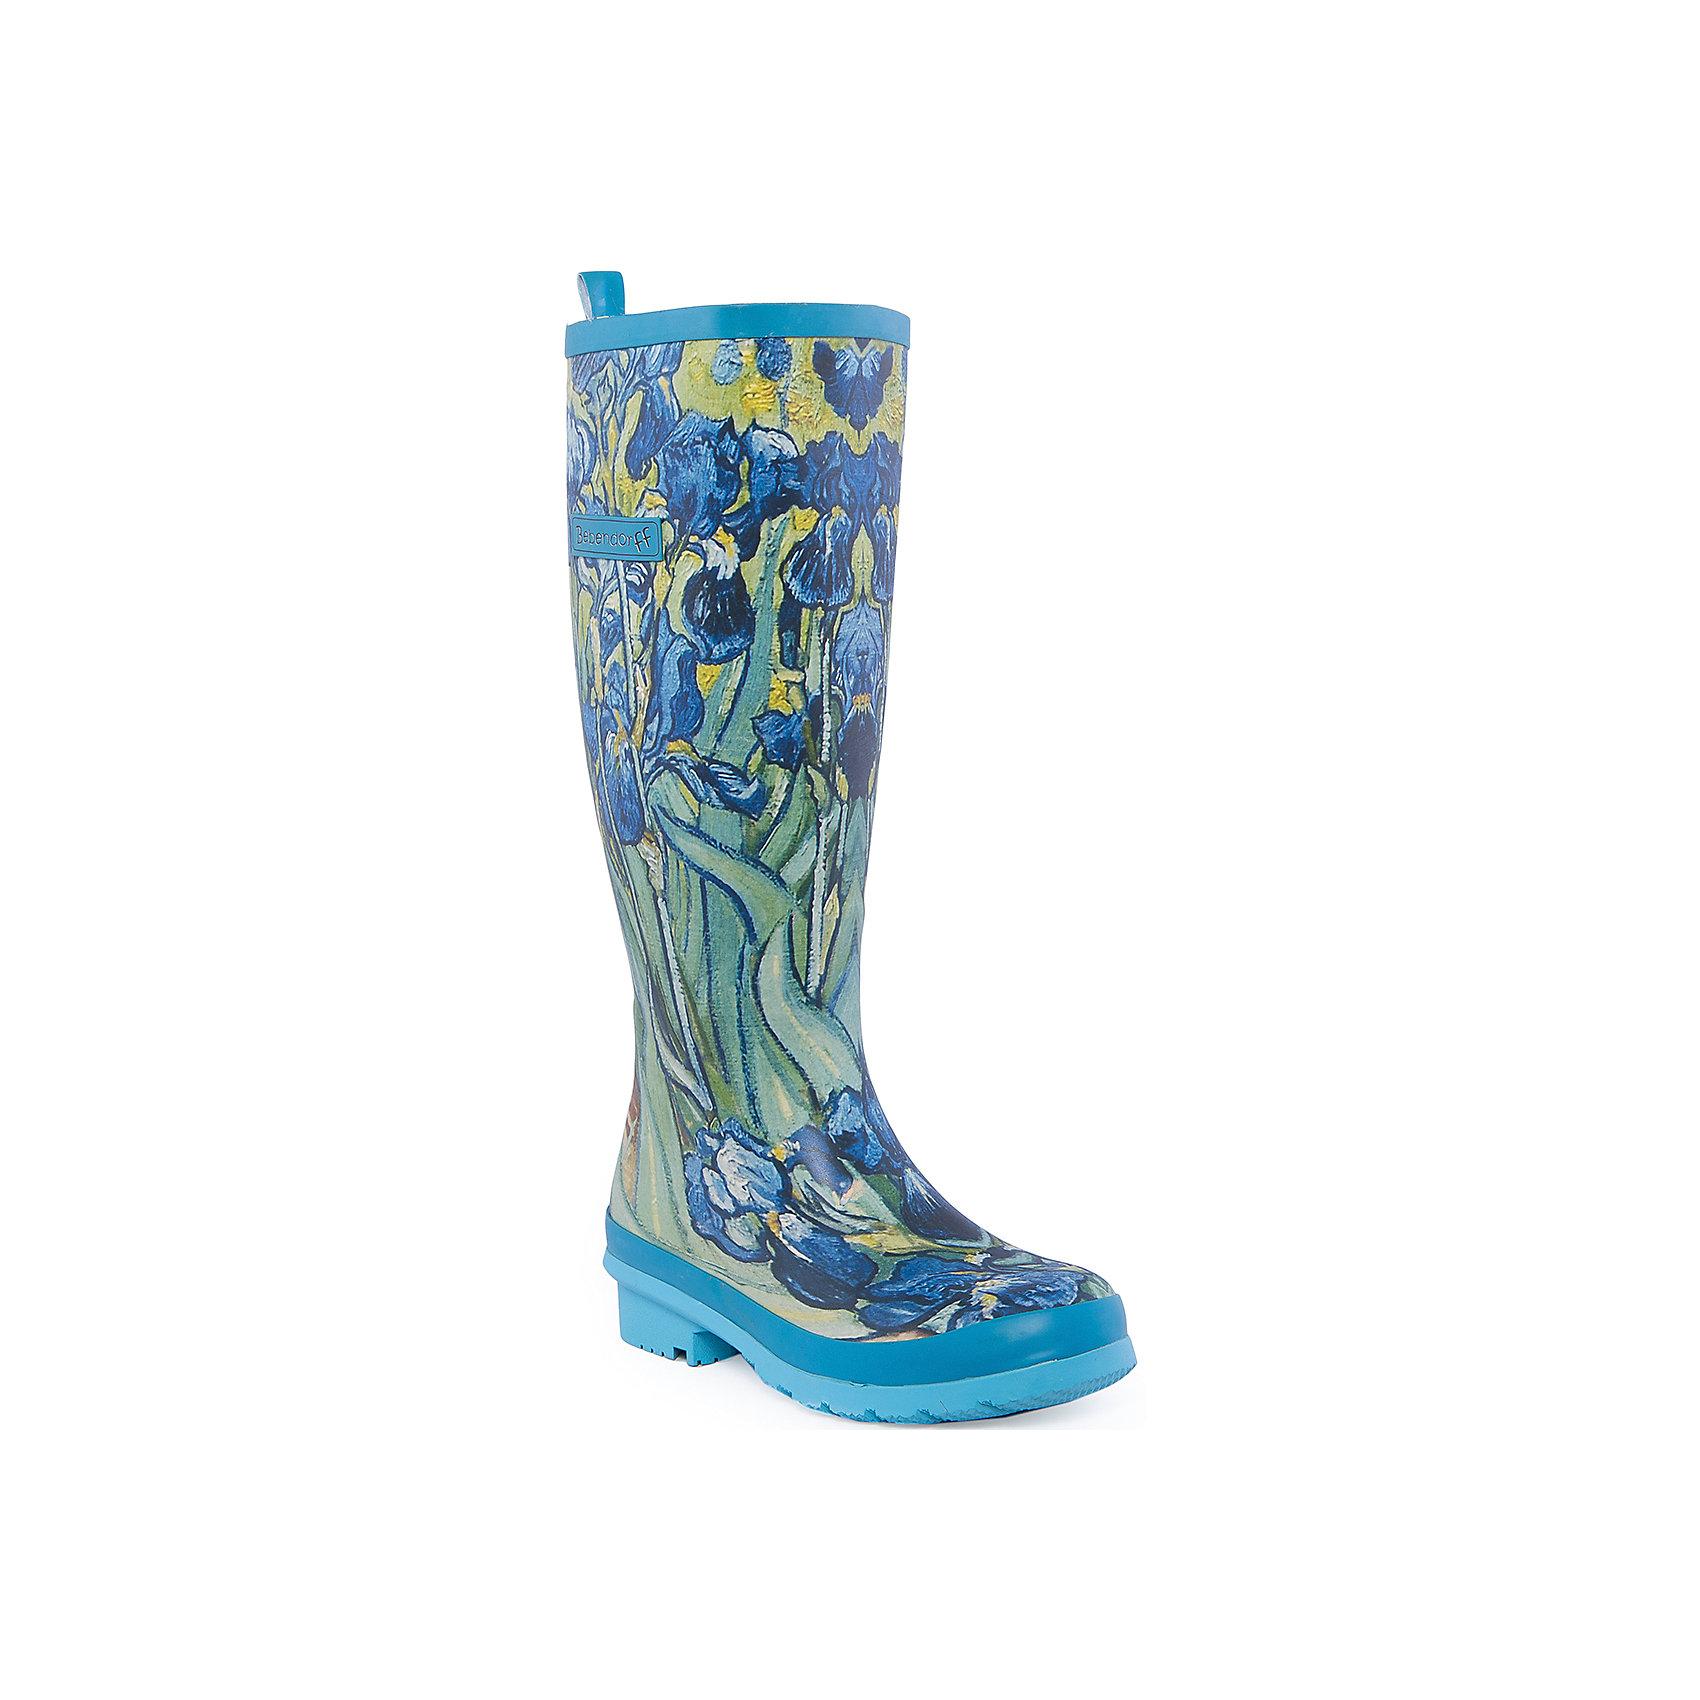 Резиновые сапоги для девочки BebendorffРезиновые сапоги для девочки от известного бренда Bebendorff<br><br>Очень стильные сапоги сделаны из качественной резины. Они позволят защитить ноги ребенка от сырости и холода благодаря шерстяной подкладке. Высокое голенище защитит одежду от грязи и влаги.<br><br>Отличительные особенности модели:<br><br>- цвет: синий;<br>- удобная форма;<br>- очень высокое голенище;<br>- качественные материалы;<br>- толстая устойчивая подошва;<br>- теплая подкладка;<br>- декорированы очень красивым принтом;<br>- подошва рифленая.<br><br>Дополнительная информация:<br><br>Температурный режим: от - 5° С до + 15° С.<br><br>Состав:<br>верх - резина;<br>подкладка - искусственный мех;<br>стелька - искусственный мех;<br>подошва - резина.<br><br>Резиновые сапоги для девочки Bebendorff (Бебендорф) можно купить в нашем магазине.<br><br>Ширина мм: 237<br>Глубина мм: 180<br>Высота мм: 152<br>Вес г: 438<br>Цвет: синий<br>Возраст от месяцев: 156<br>Возраст до месяцев: 1188<br>Пол: Женский<br>Возраст: Детский<br>Размер: 40,41,38,36,37,39<br>SKU: 4554683